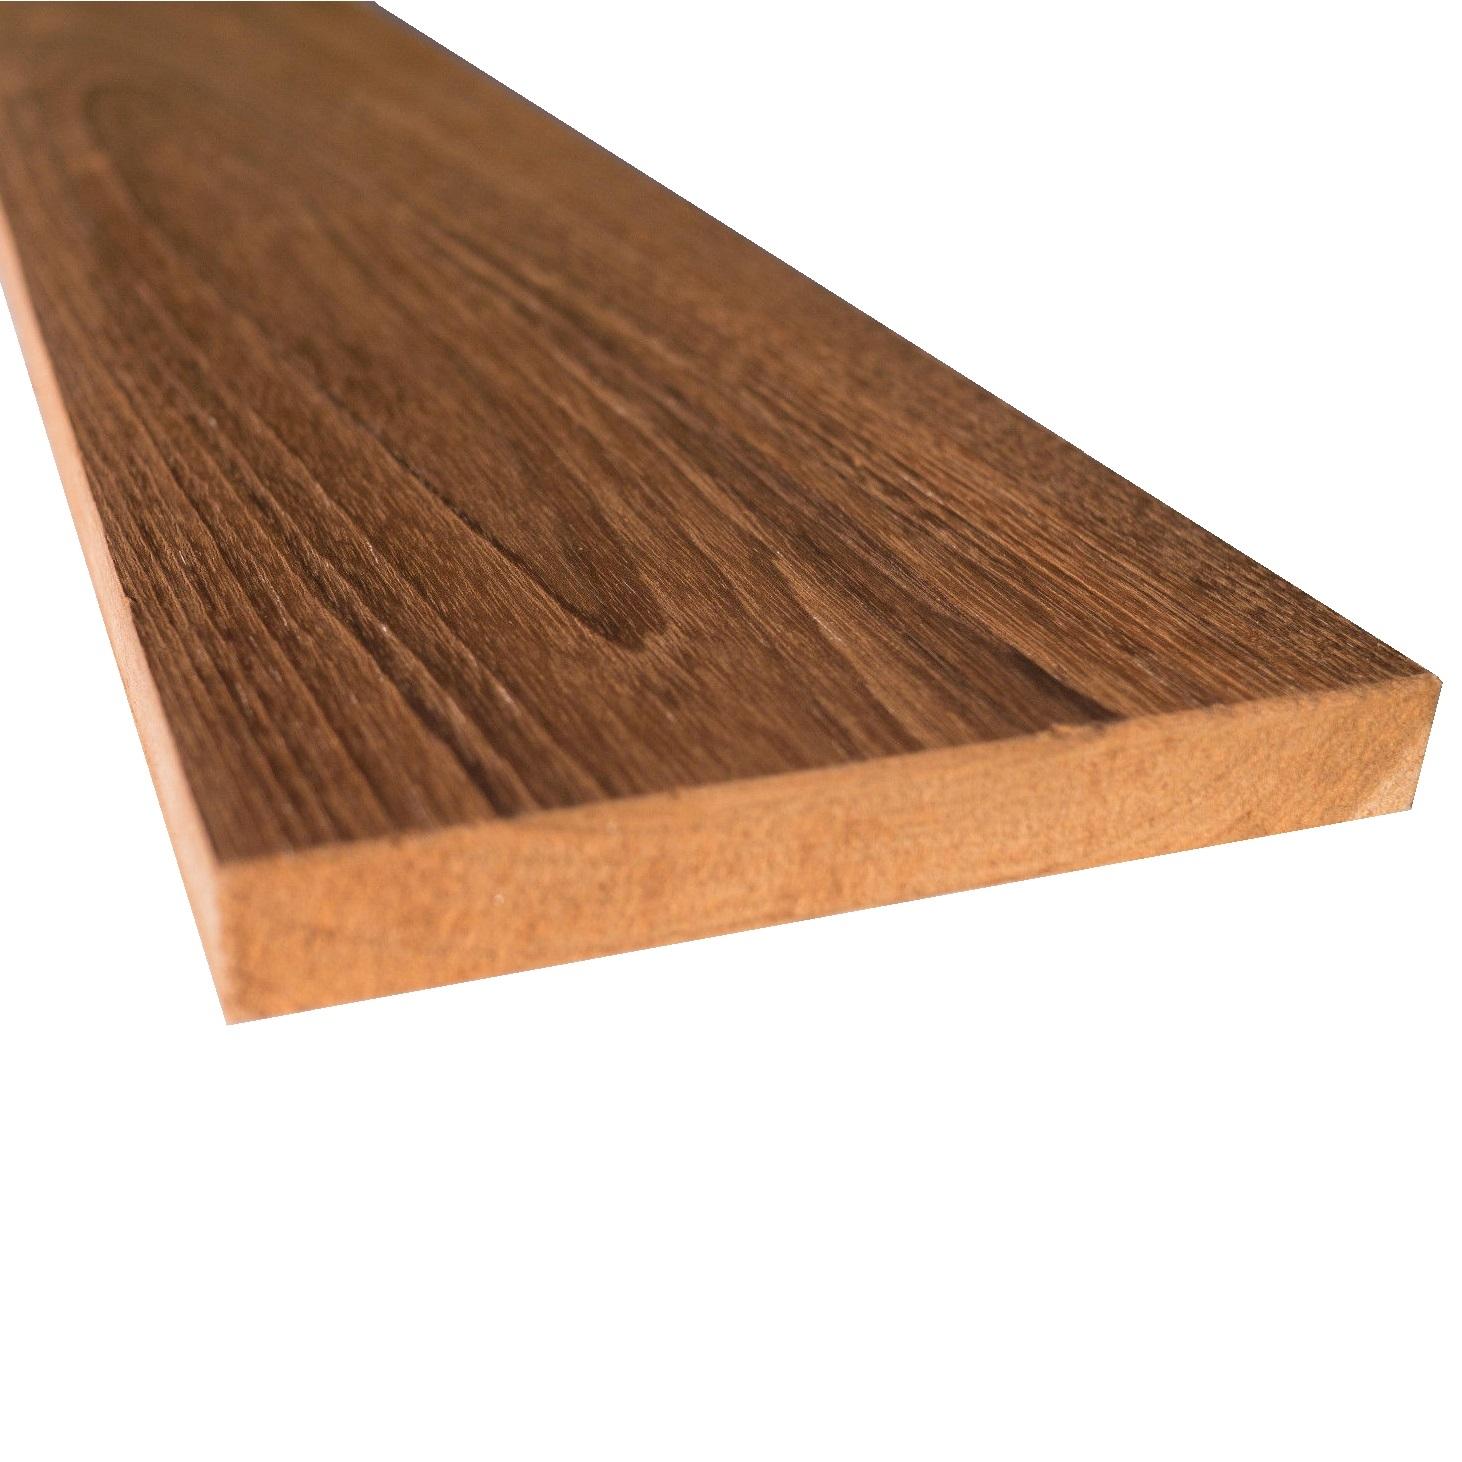 Tavola legno teak prima scelta 2 7 x 13 x 230 cm in vendita su brico legno store - Tavole legno massello piallate ...